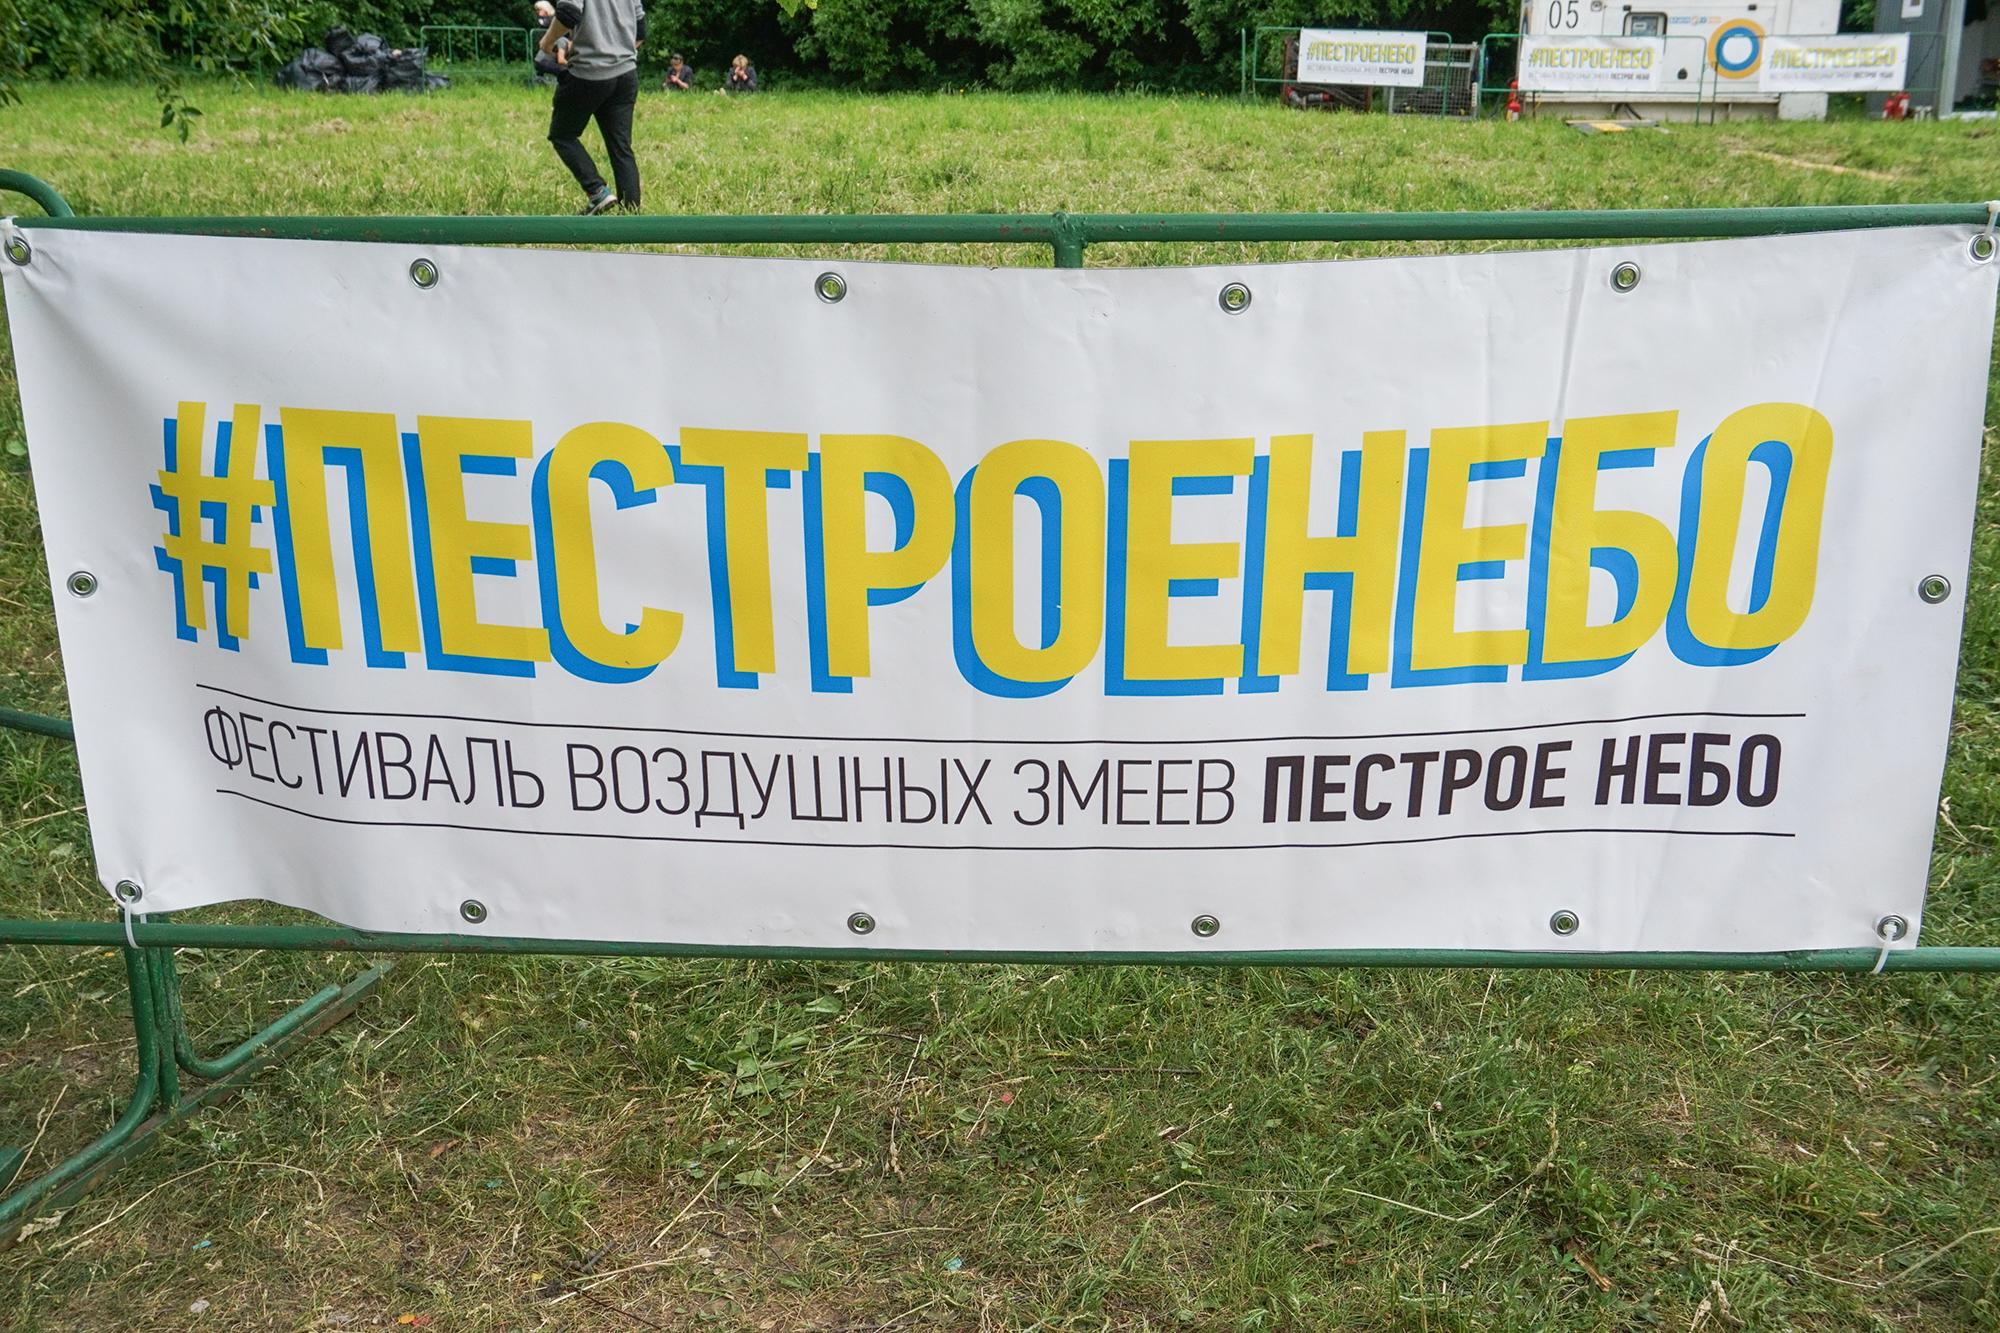 Фотографии фестиваля воздушных змеев «Пестрое Небо»